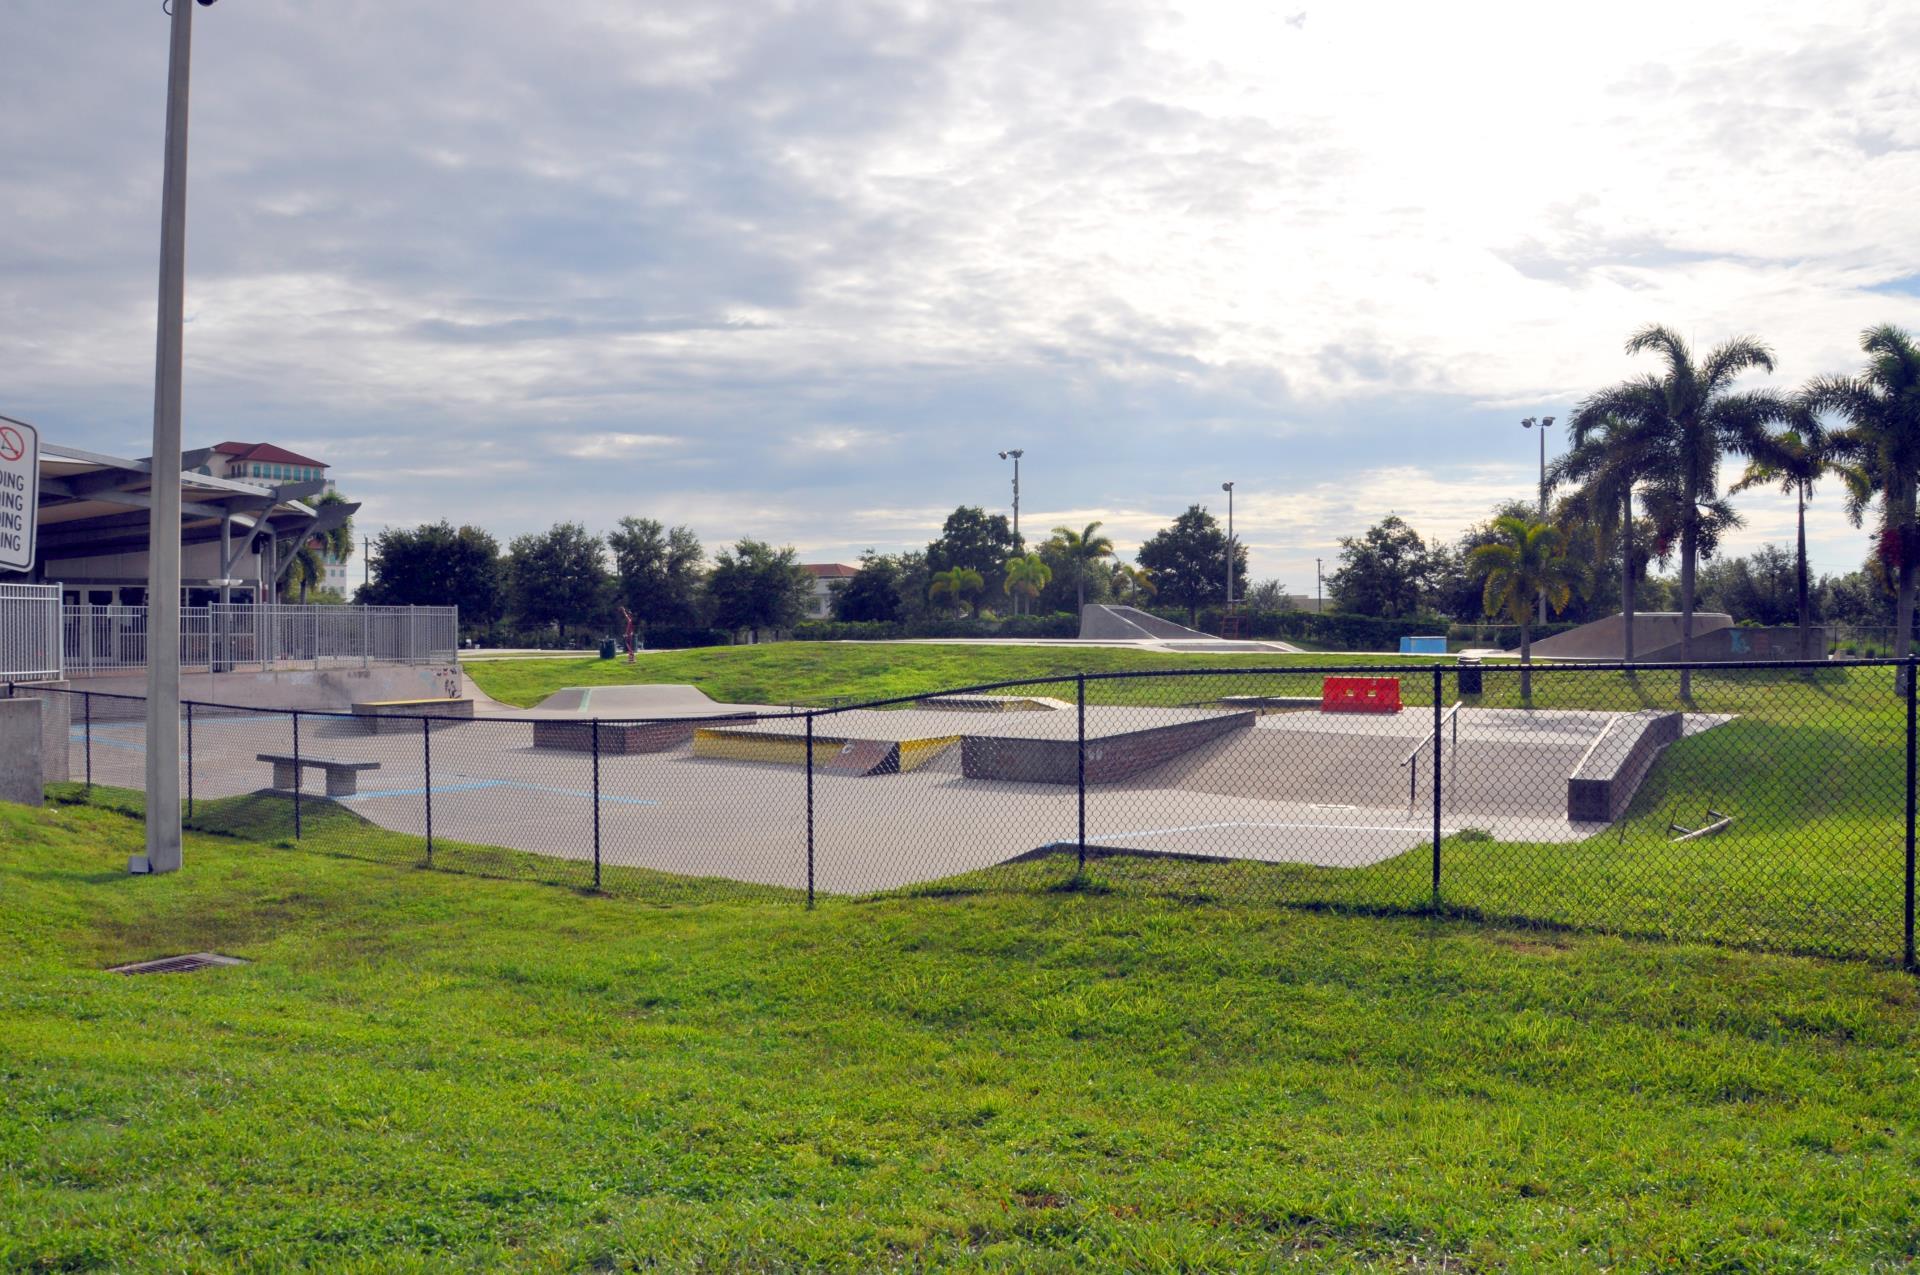 Exterior of skate park